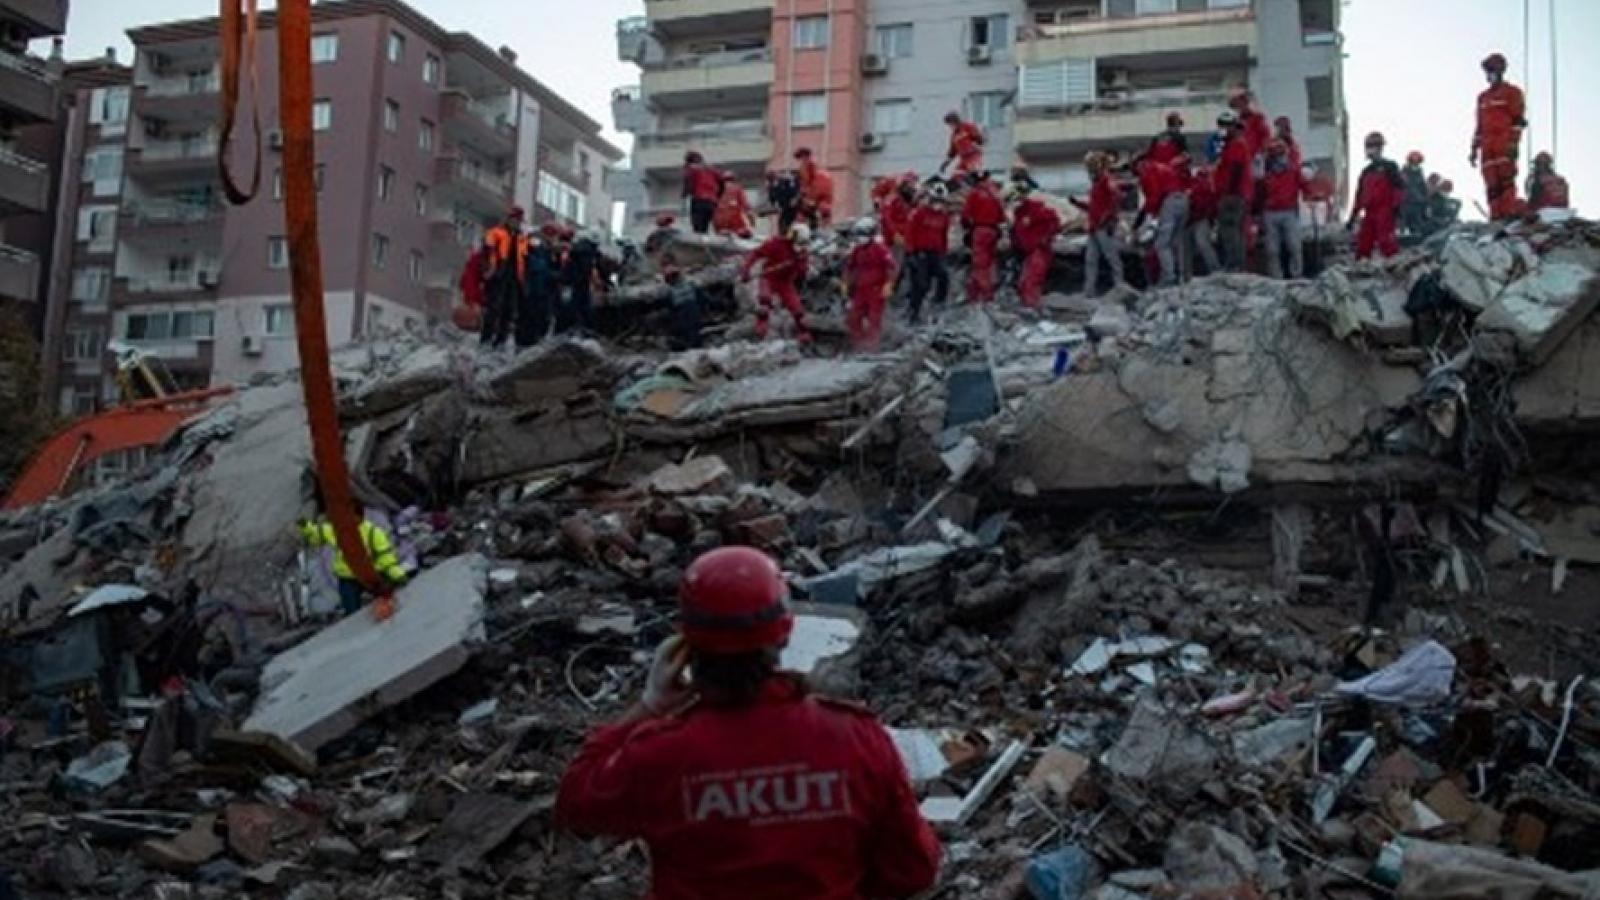 Cập nhật trận động đất Thổ Nhĩ Kỳ - Hy Lạp: Ít nhất 60 người thiệt mạng